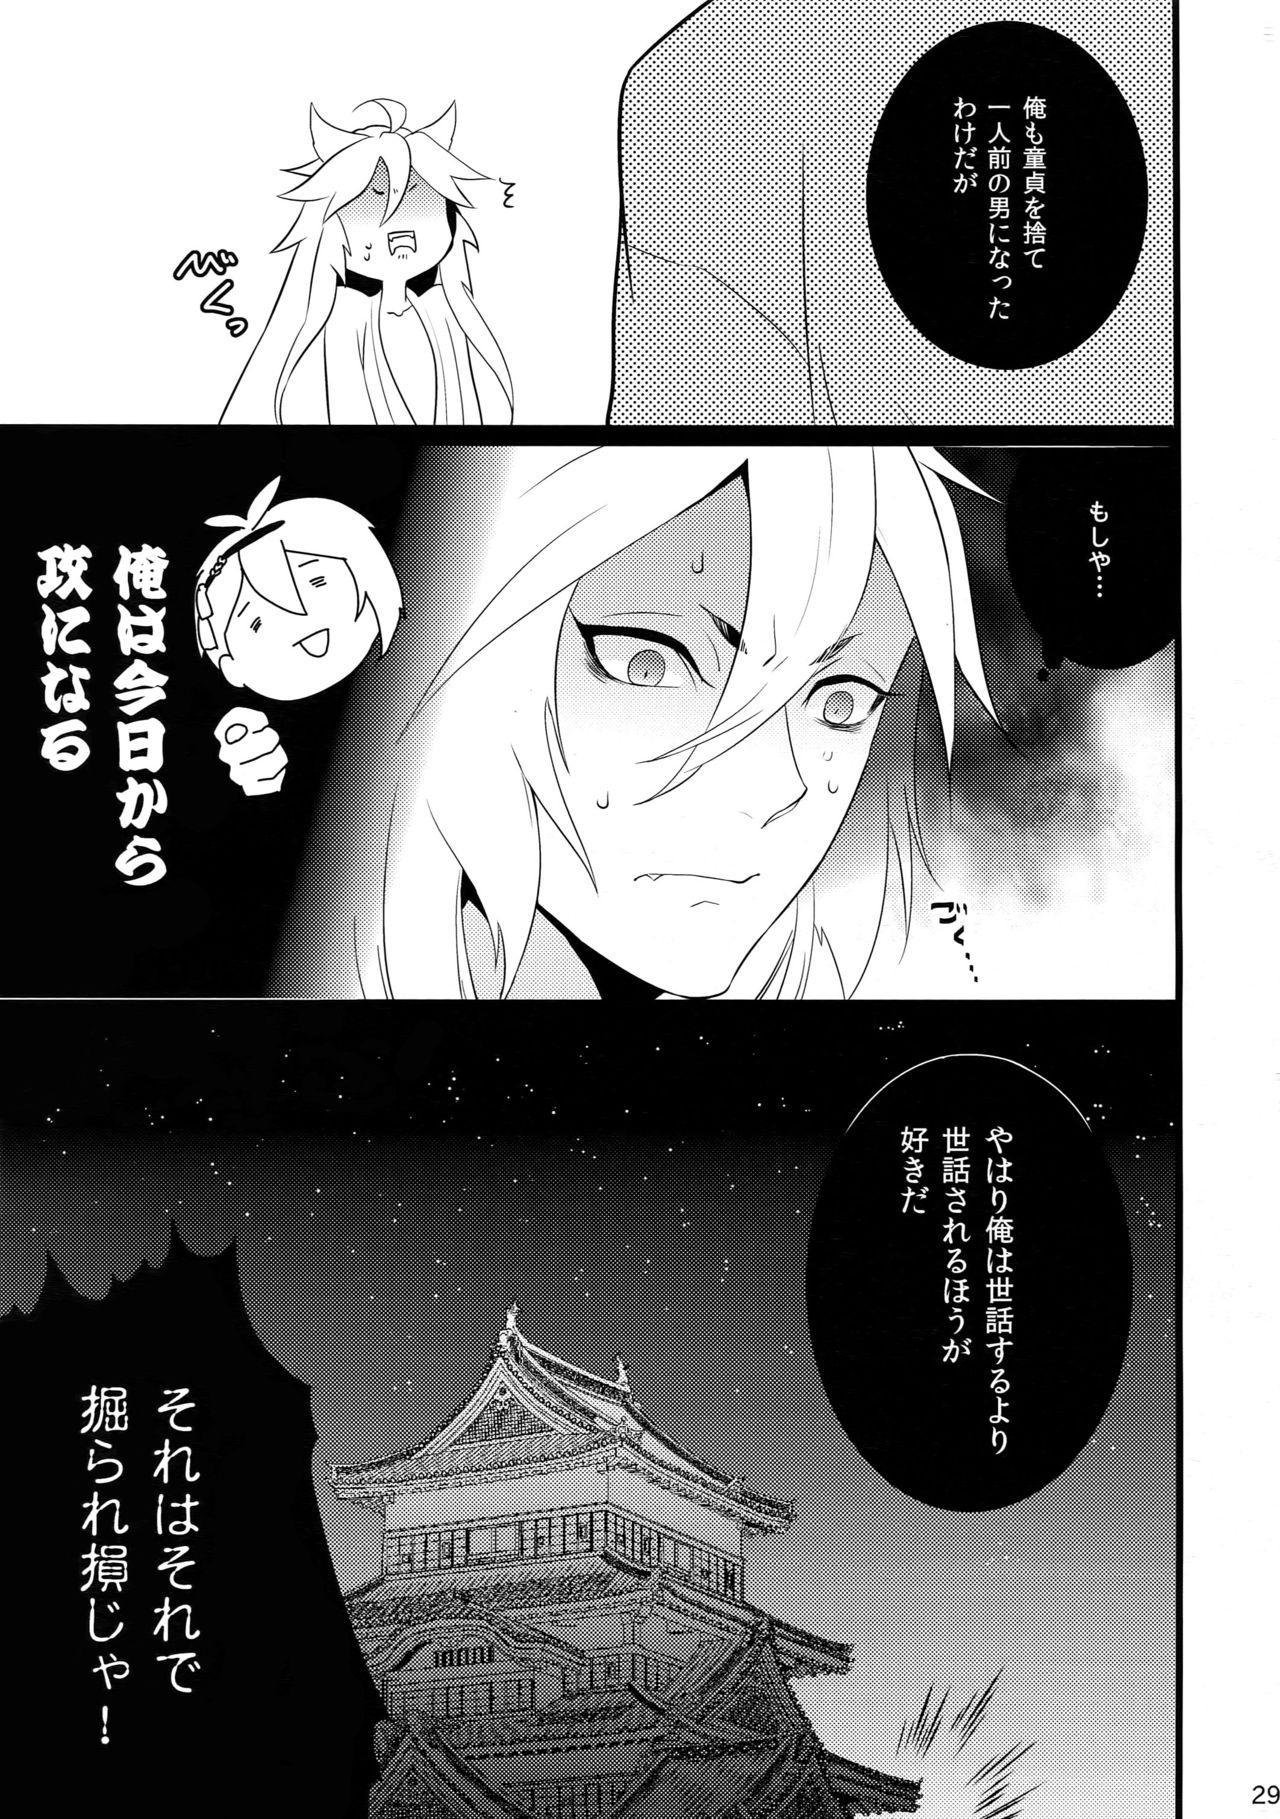 Chijou no Sata mo Yome Shidai 27